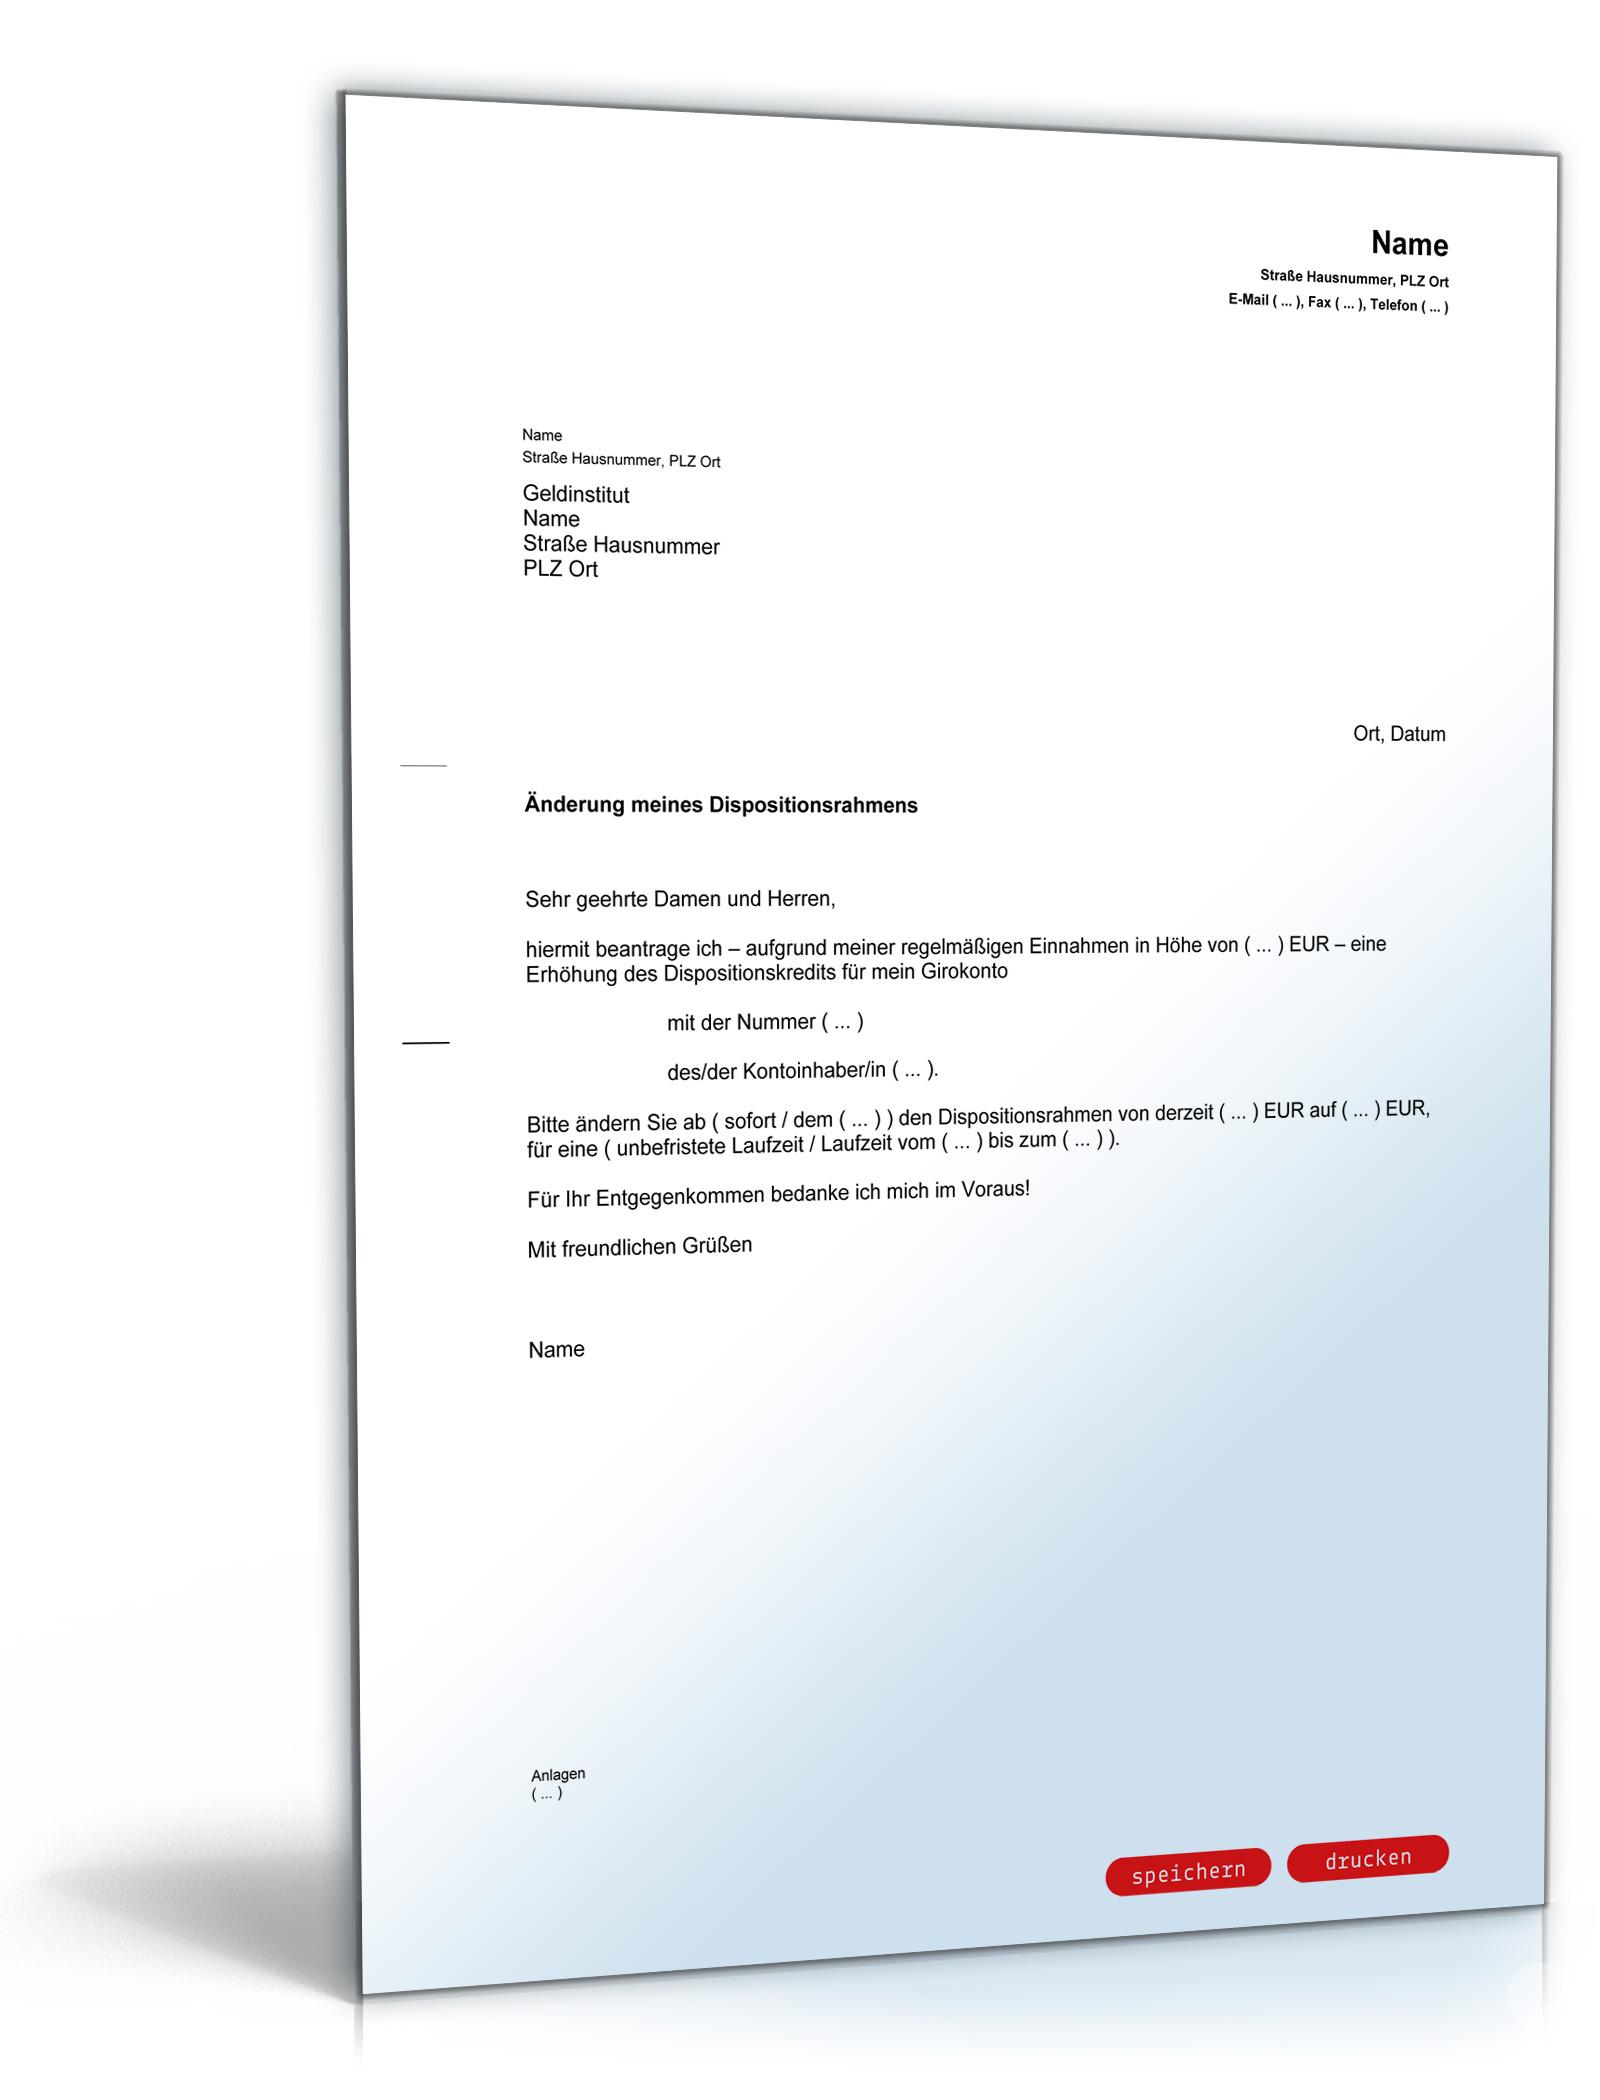 Antrag auf Erhöhung des Dispositionskredites (Dispo-Kredit)